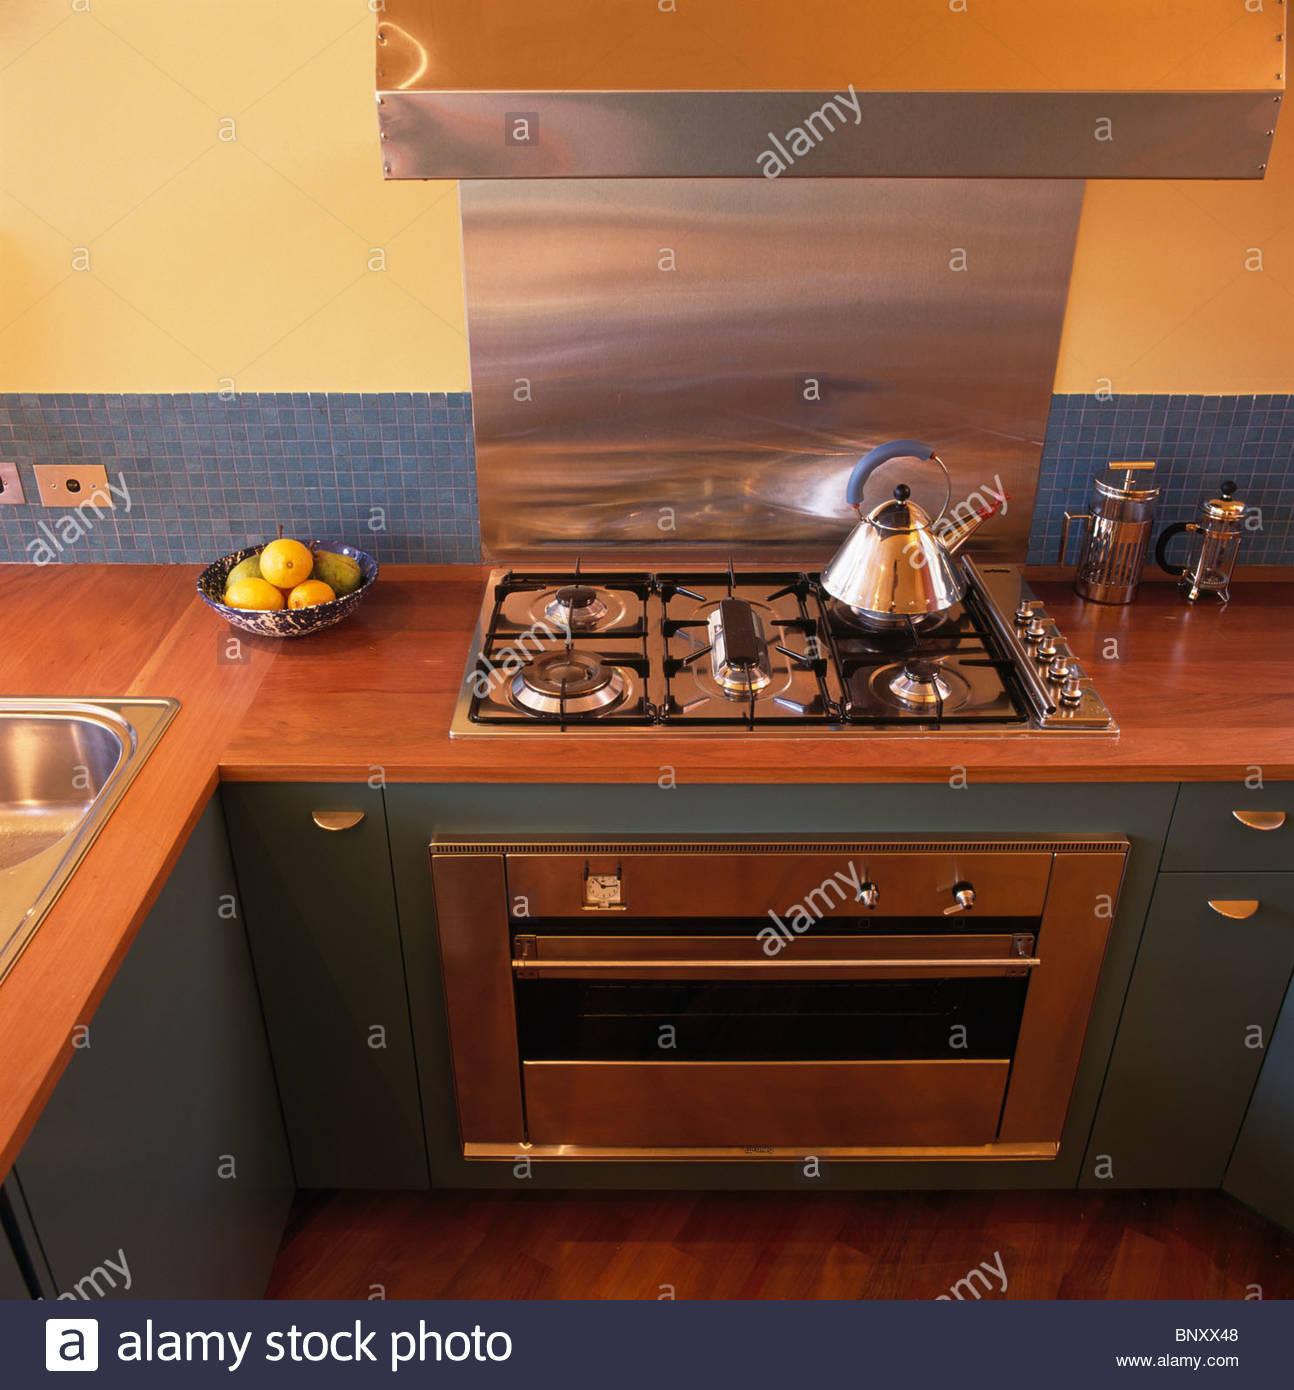 plan de travail cuisine jaune